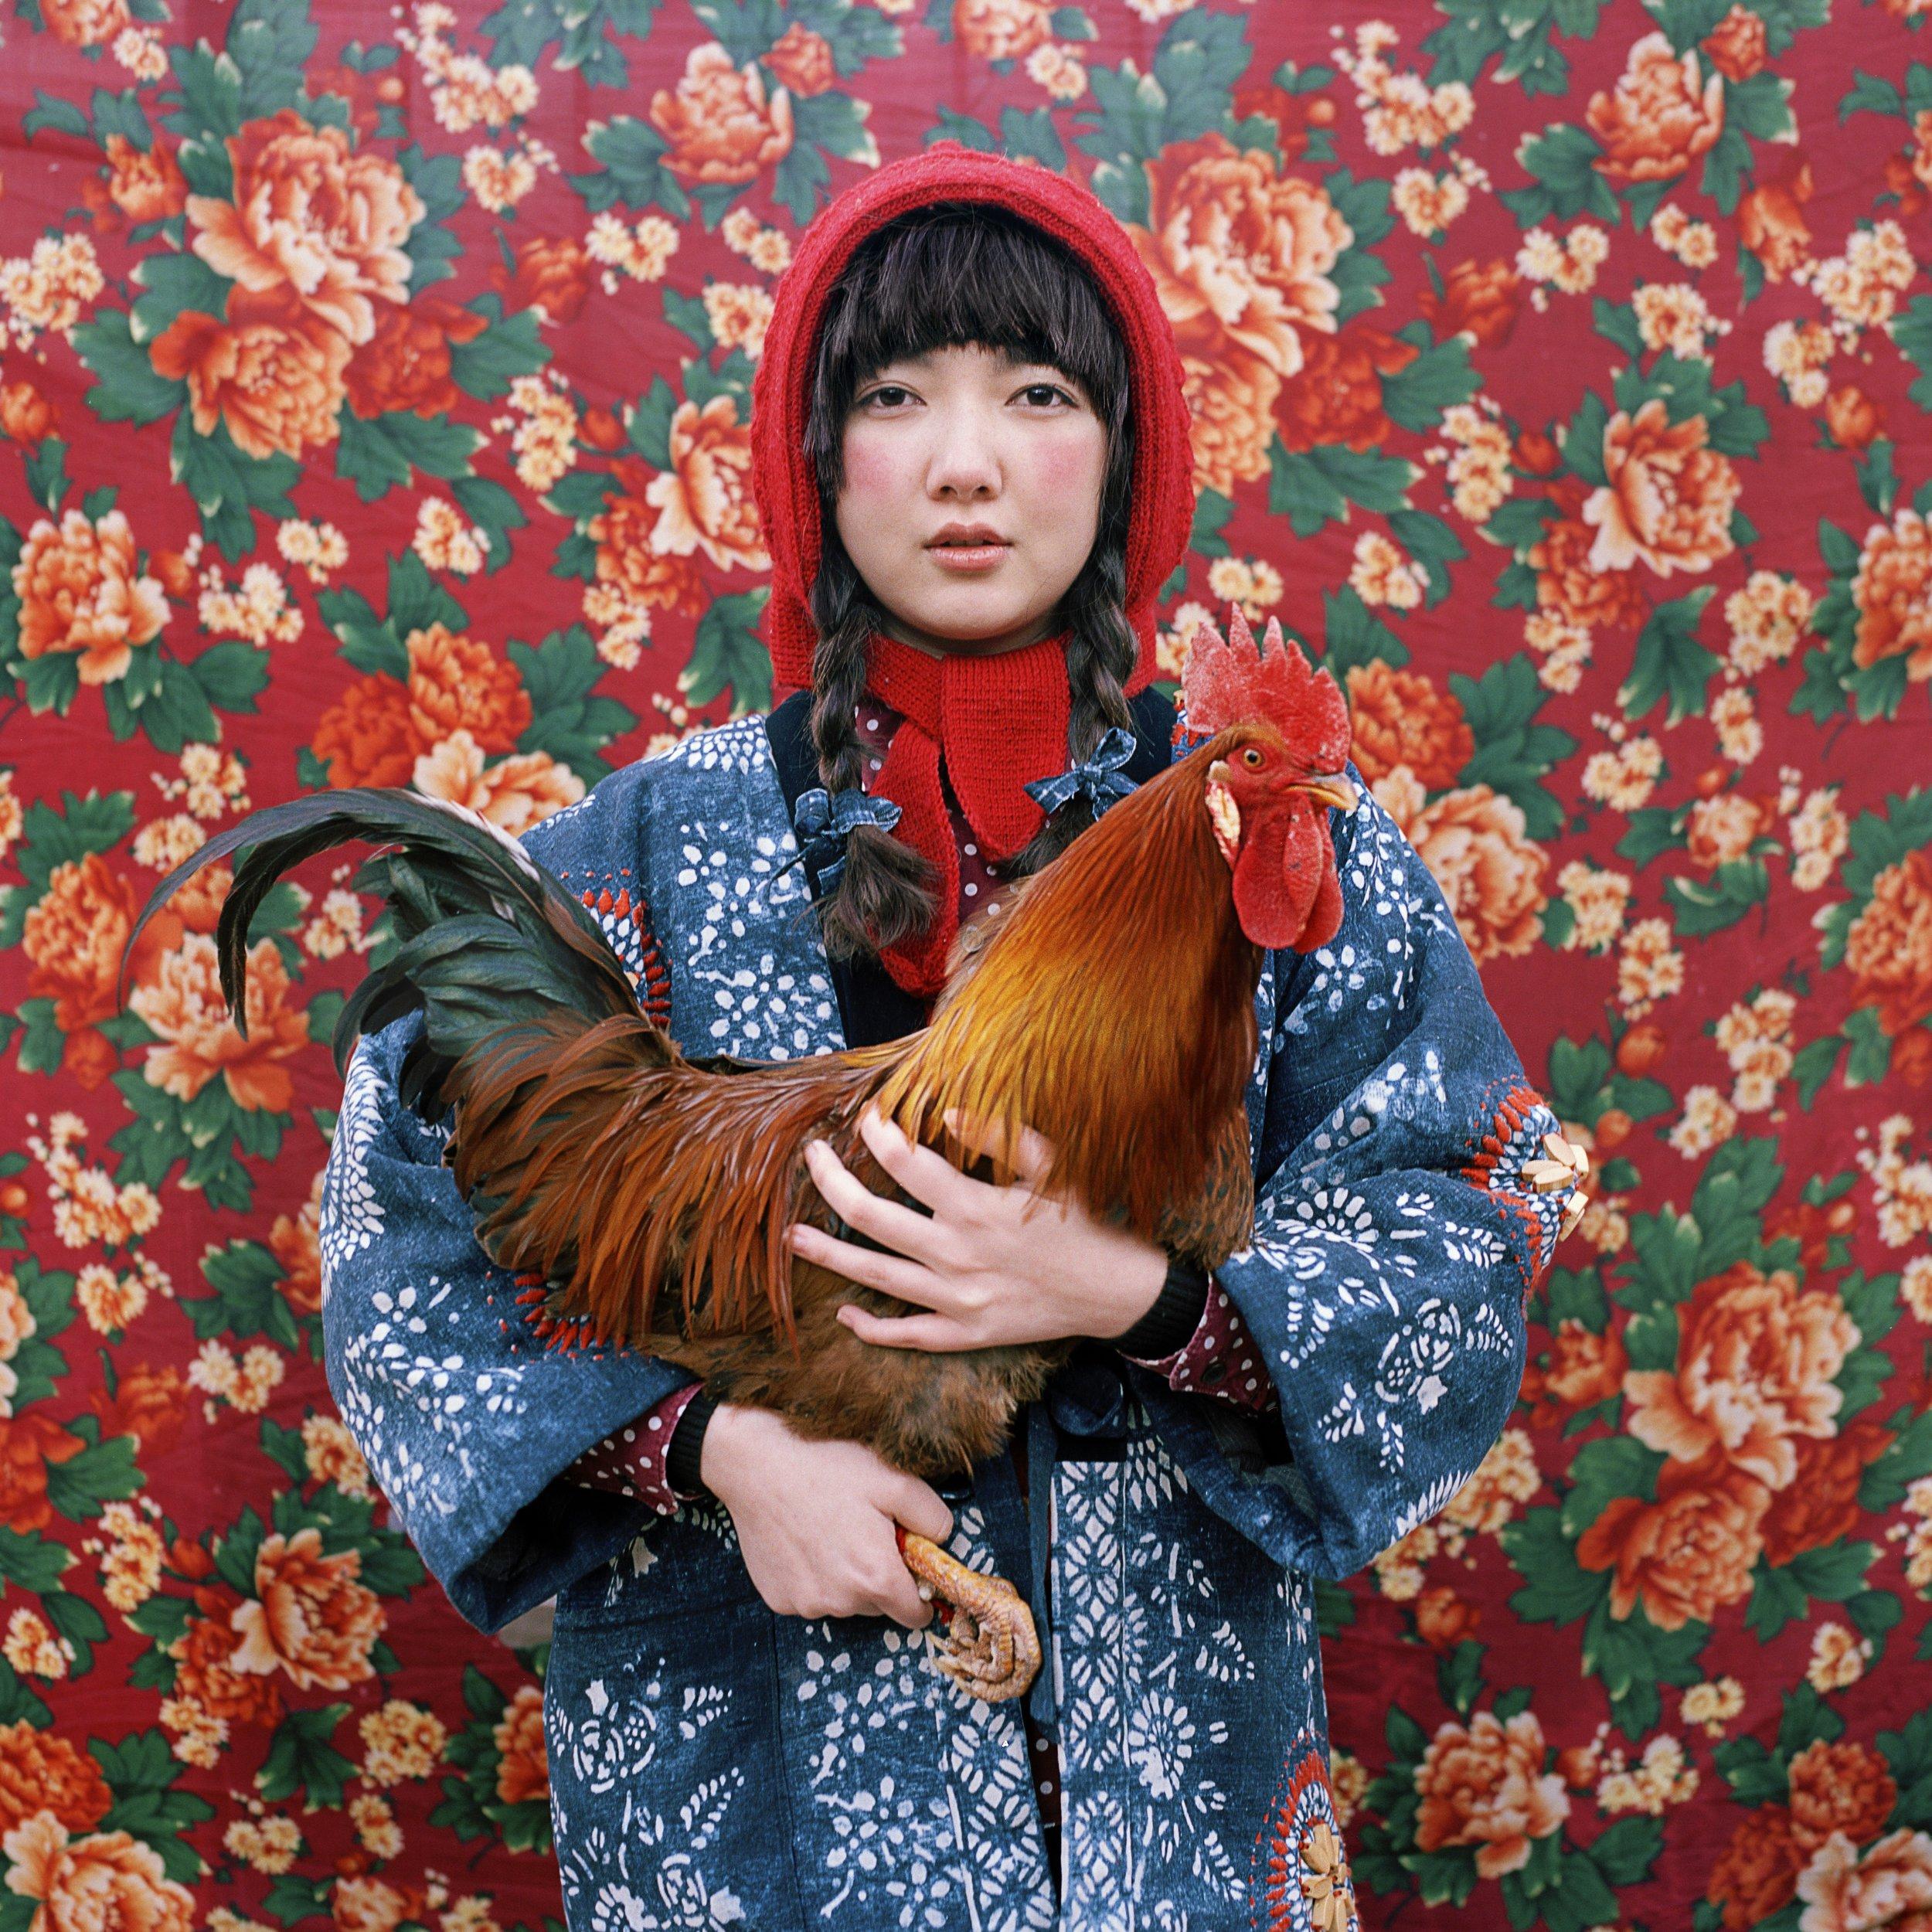 刘树伟,Childhood Revisited系列   Childhood Revisited 是我几年前的系列,与设计师王天墨的一次合作。这组照片拍摄于北方的农村,是对我自己的成长经历和童年时期的小幻想的重新呈现。因此这个系列在我的作品中像是一种根基性的存在。